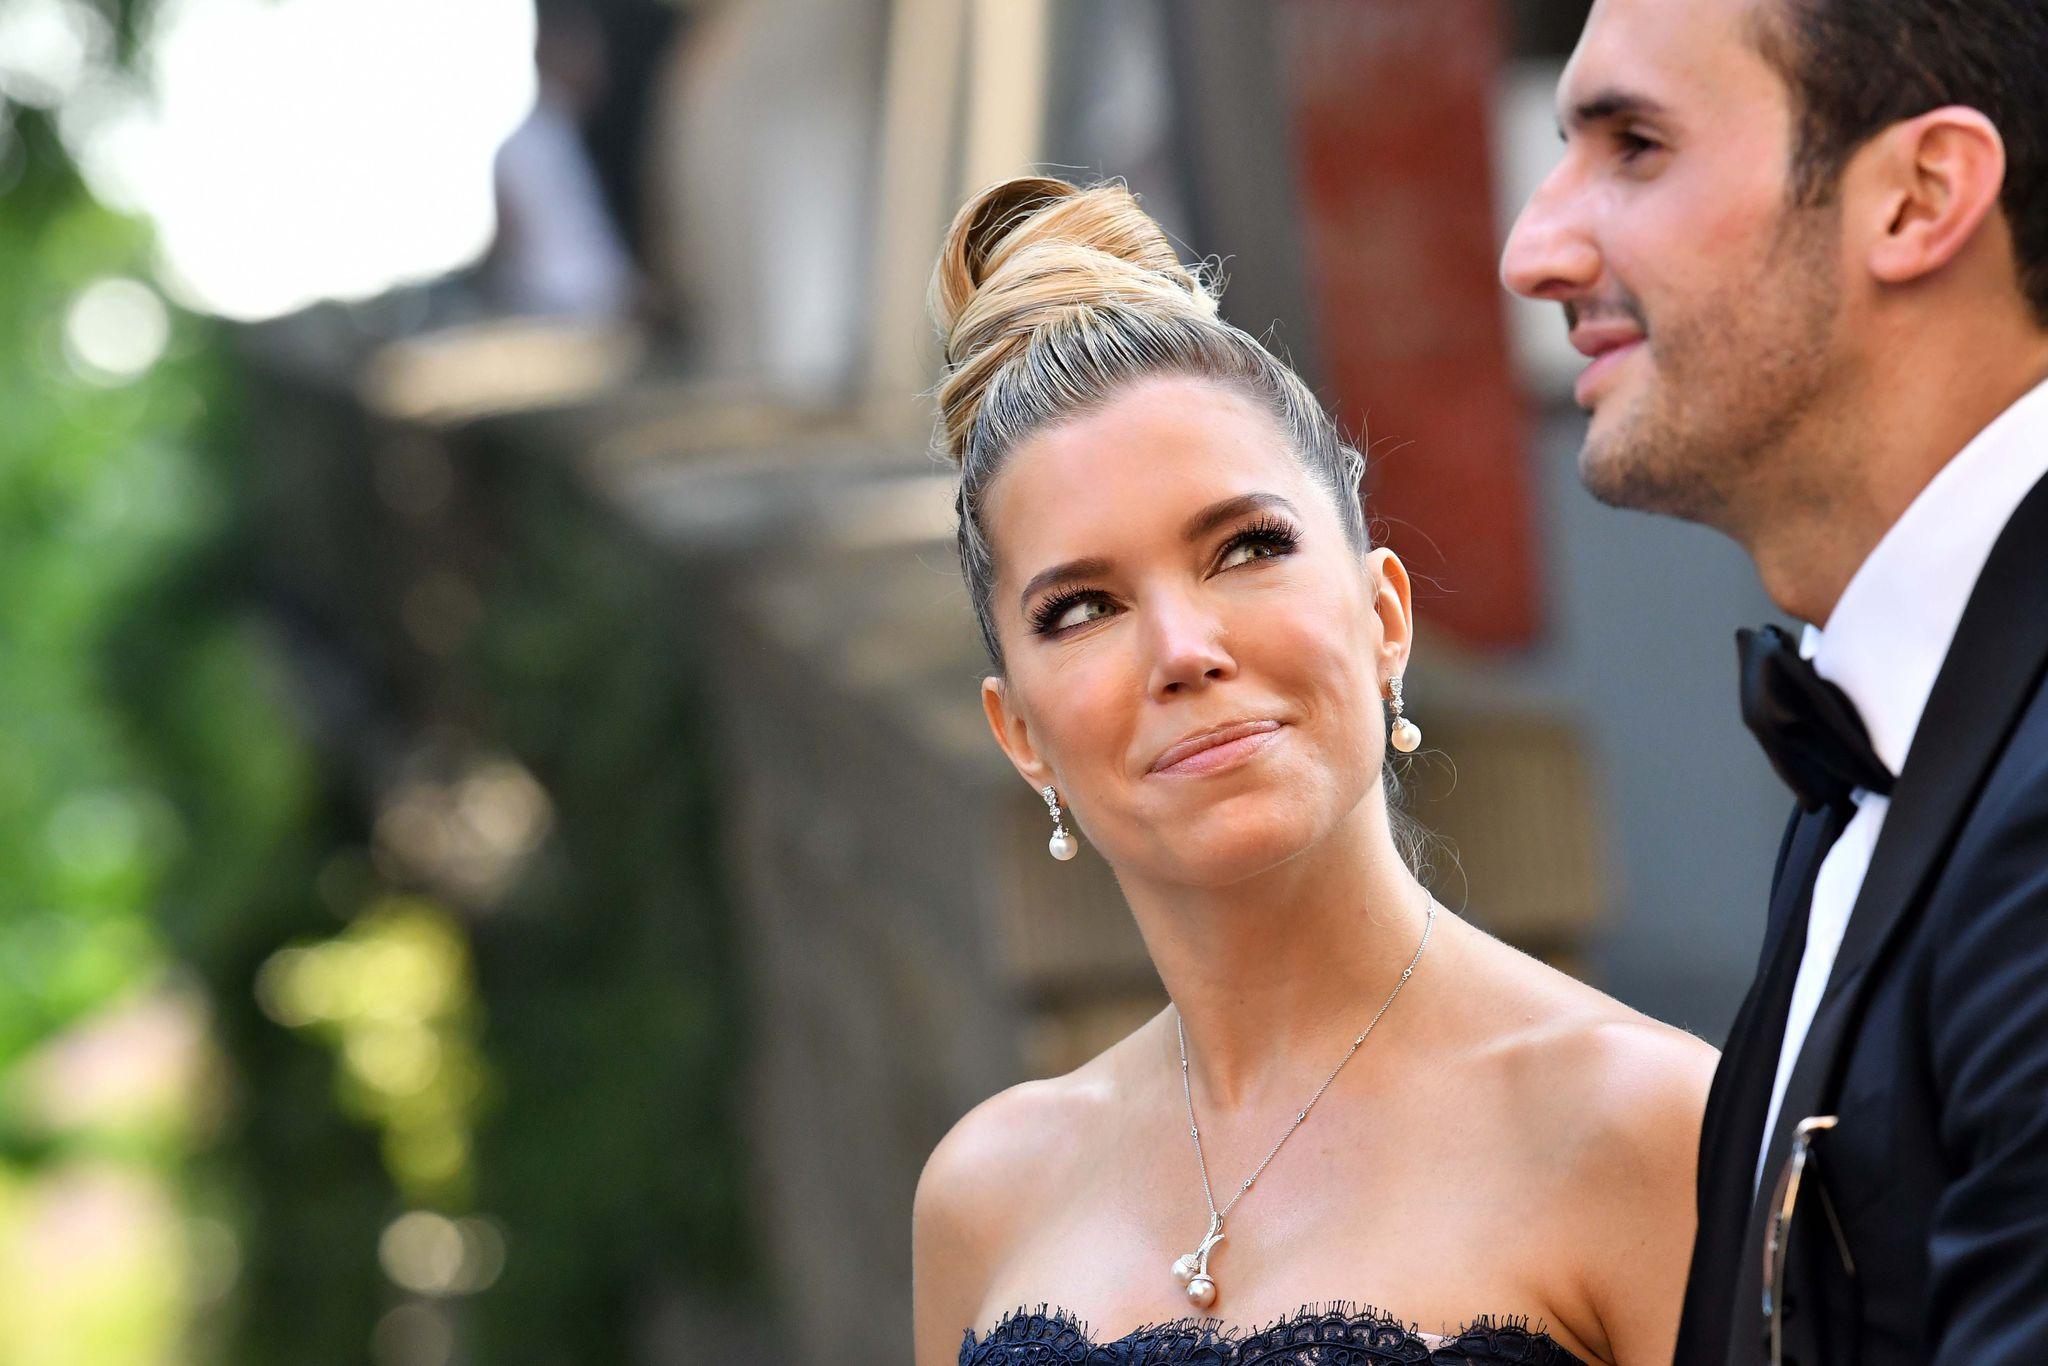 Hochzeit Auf Den Ersten Blick Ramona Und Stephan Noch Zusammen